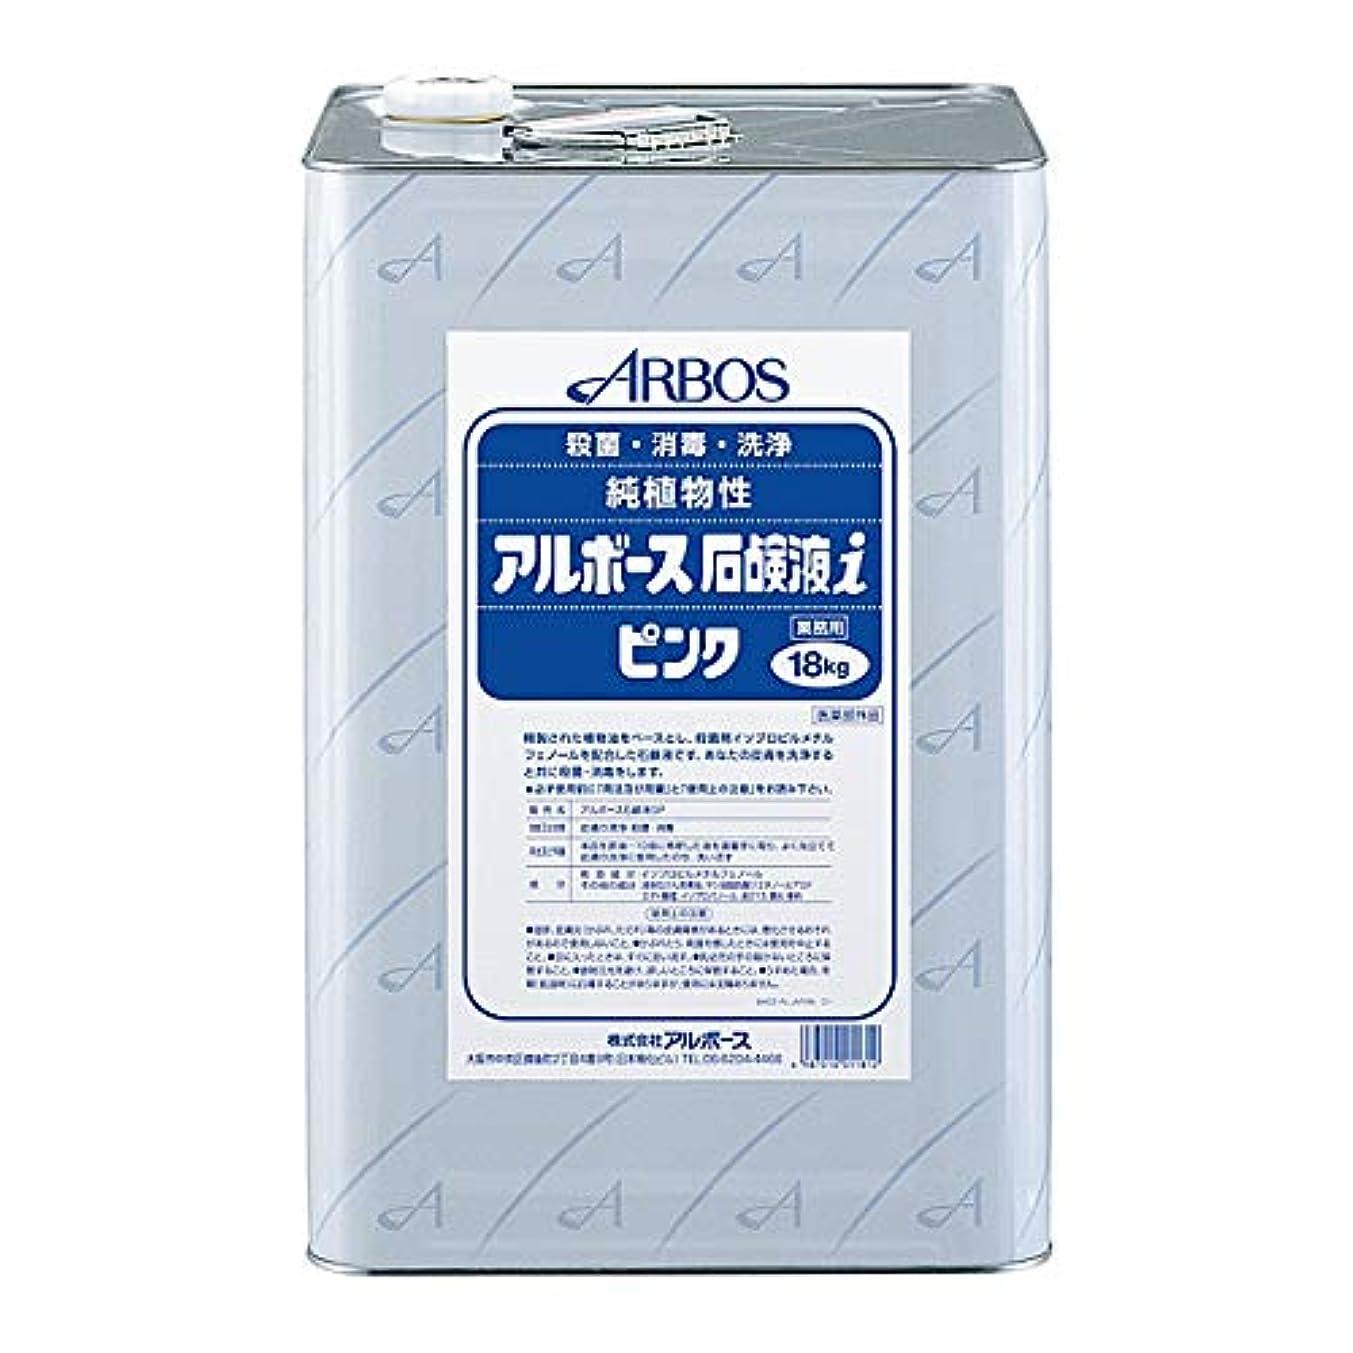 豆クラウドスプーン【清潔キレイ館】アルボース石鹸液i ピンク(18L)+つめブラシ1個 オマケ付